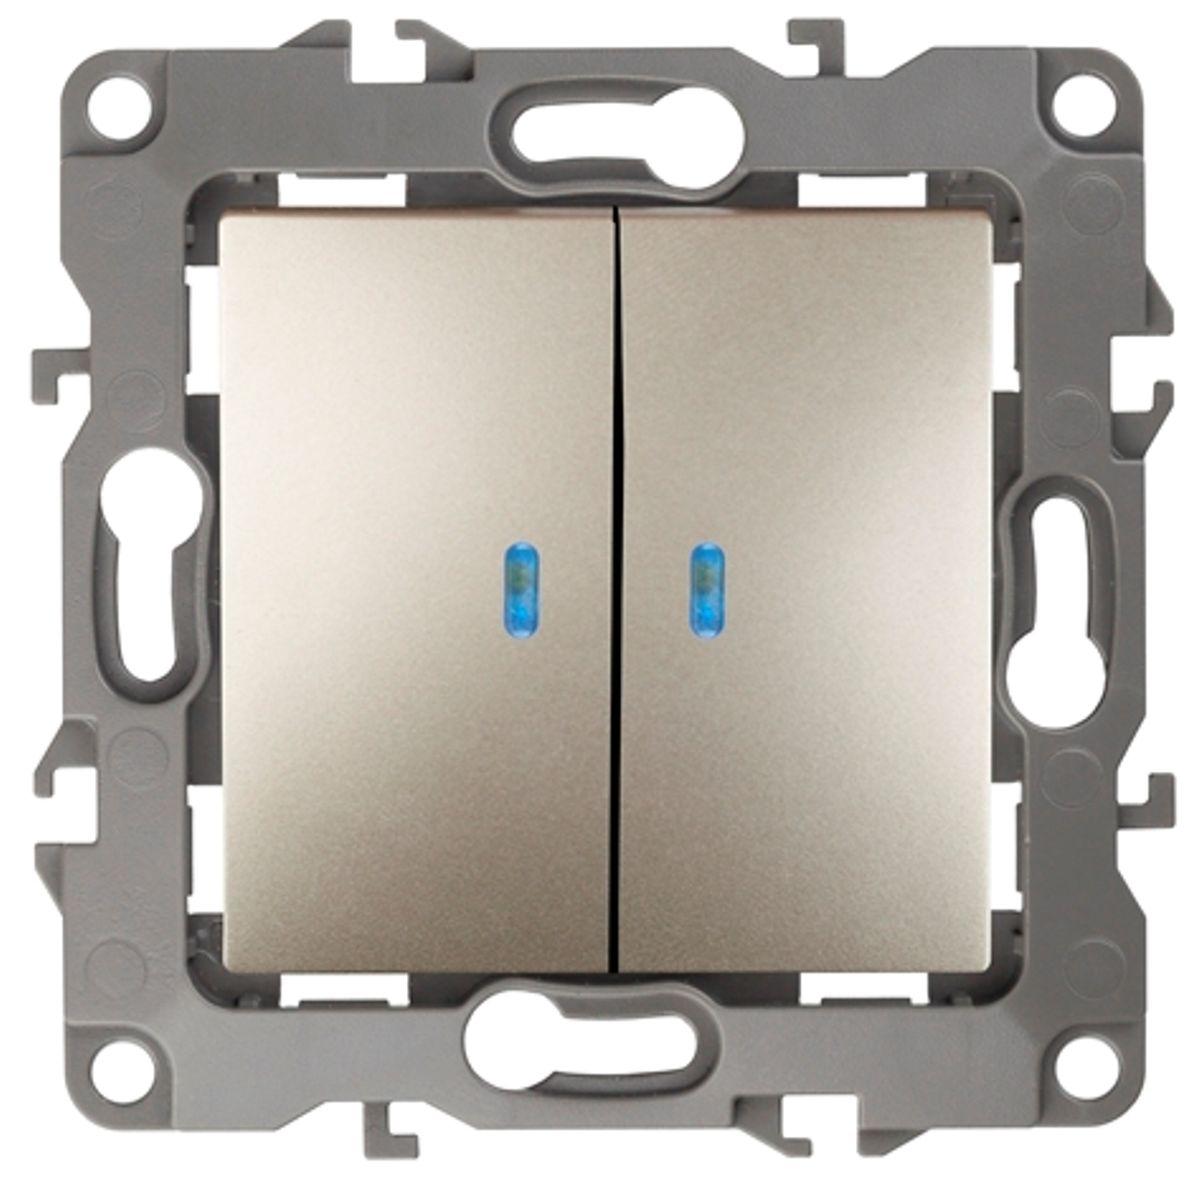 Выключатель ЭРА, двойной, с подсветкой, цвет: шампань, серый. 12-1105-0412-1105-04Двойной выключатель ЭРА выполнен из прочного поликарбоната, контакты - бронзовые. Световой индикатор на клавишах поможет вам разглядеть выключатель даже в темноте. Выключатель имеет специальные фиксаторы, которые не дают ему смещаться как при монтаже, так и в процессе эксплуатации. Автоматические зажимы кабеля обеспечивают быстрый и надежный монтаж изделия к электросети без отвертки и не требуют обслуживания в отличие от винтовых зажимов.